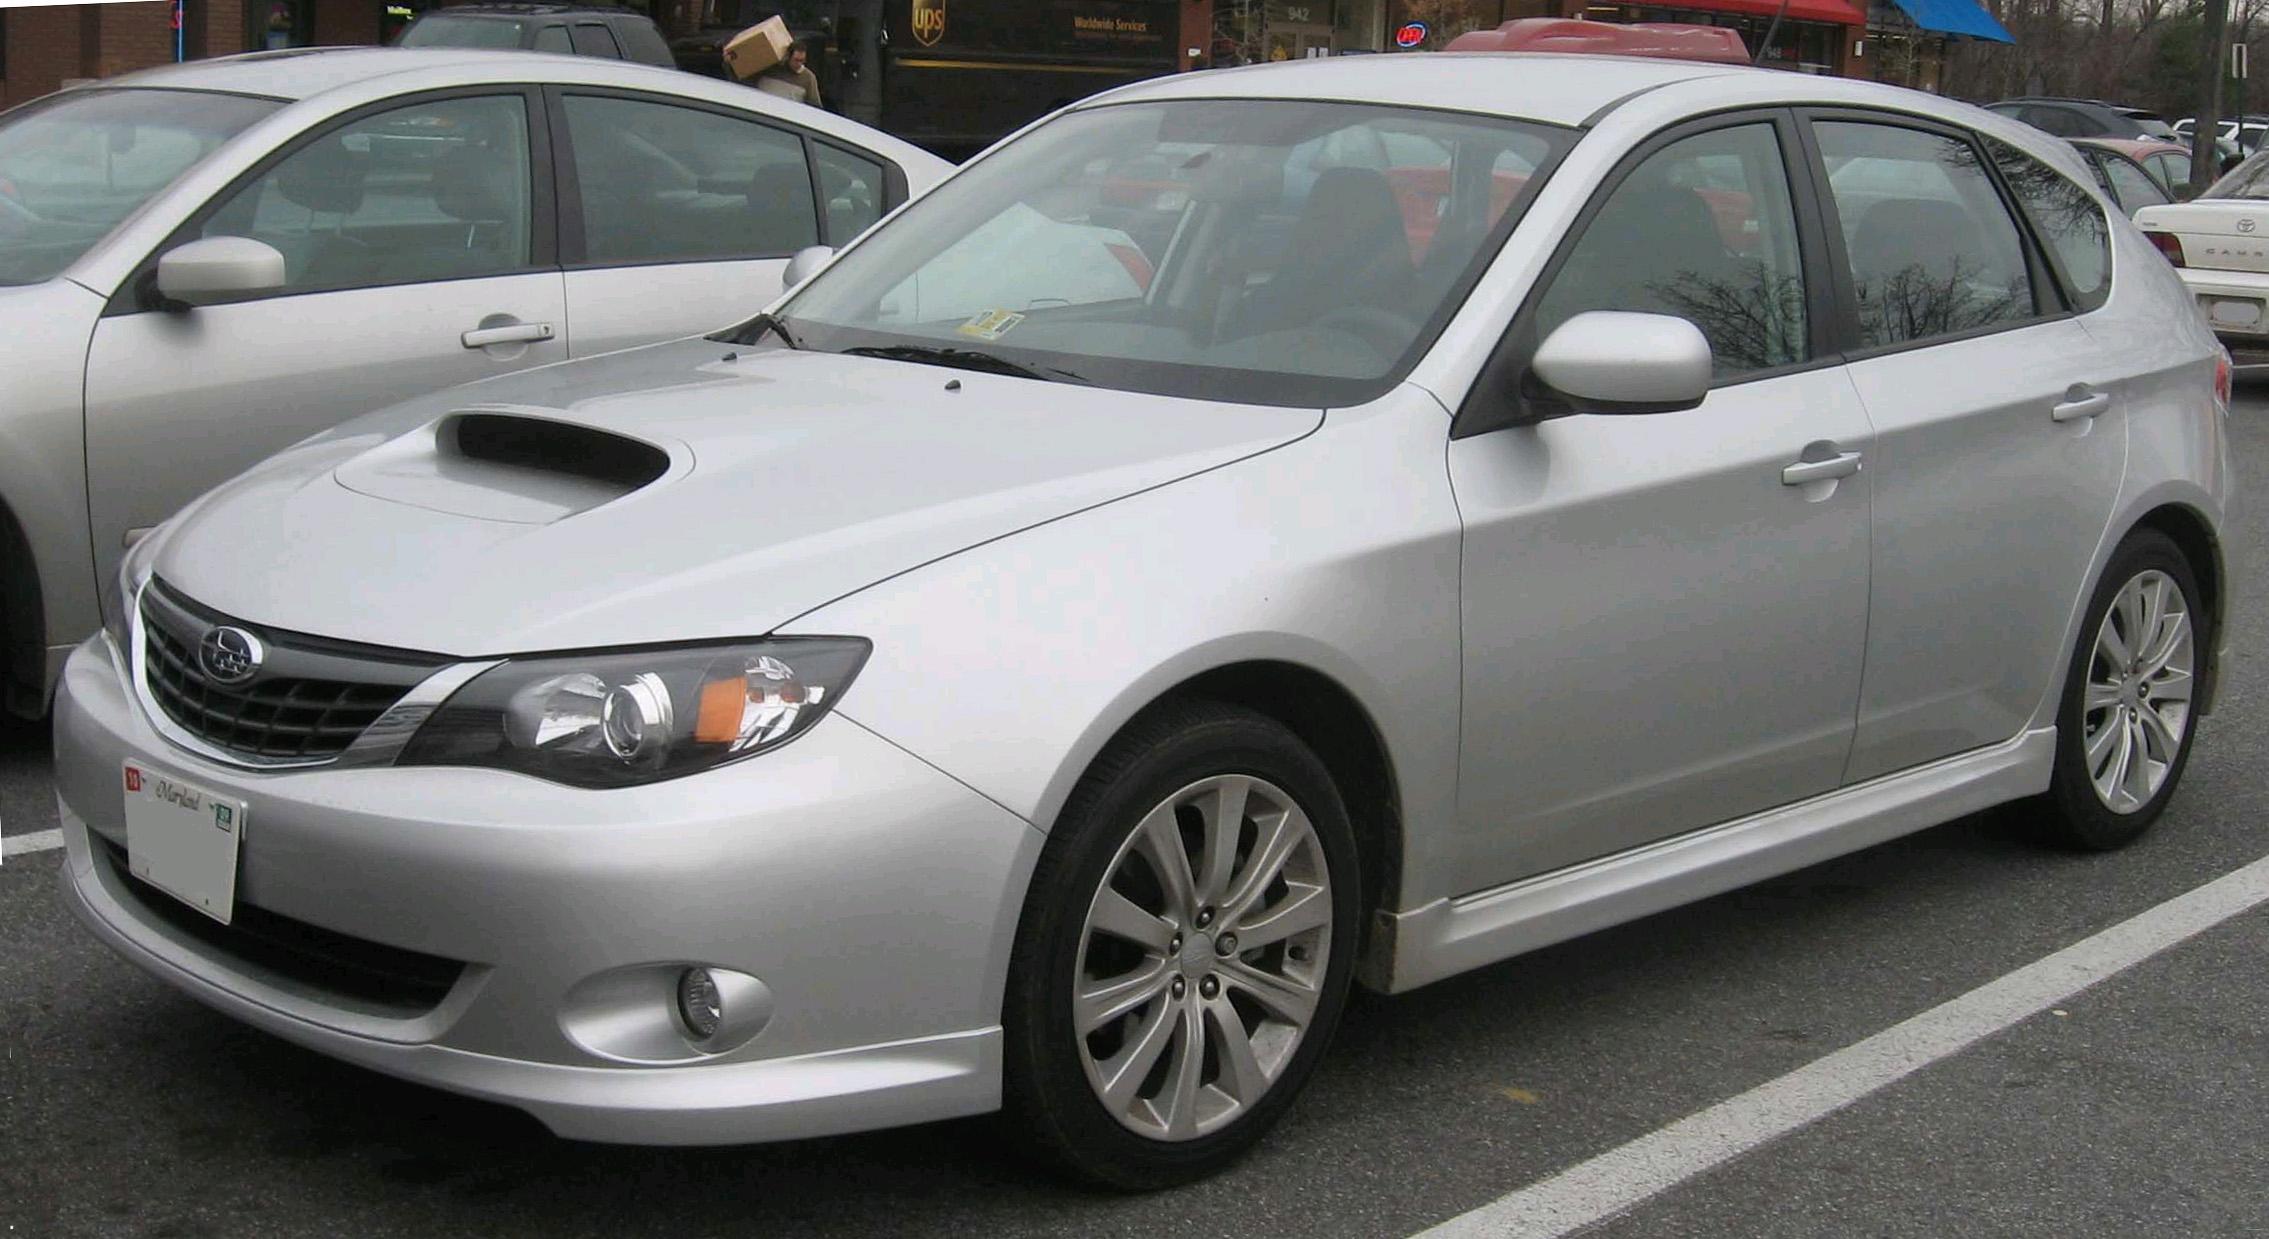 2014 Subaru Wrx Sti Hatchback >> moreha tekor akhe: Subaru Wrx Hatchback